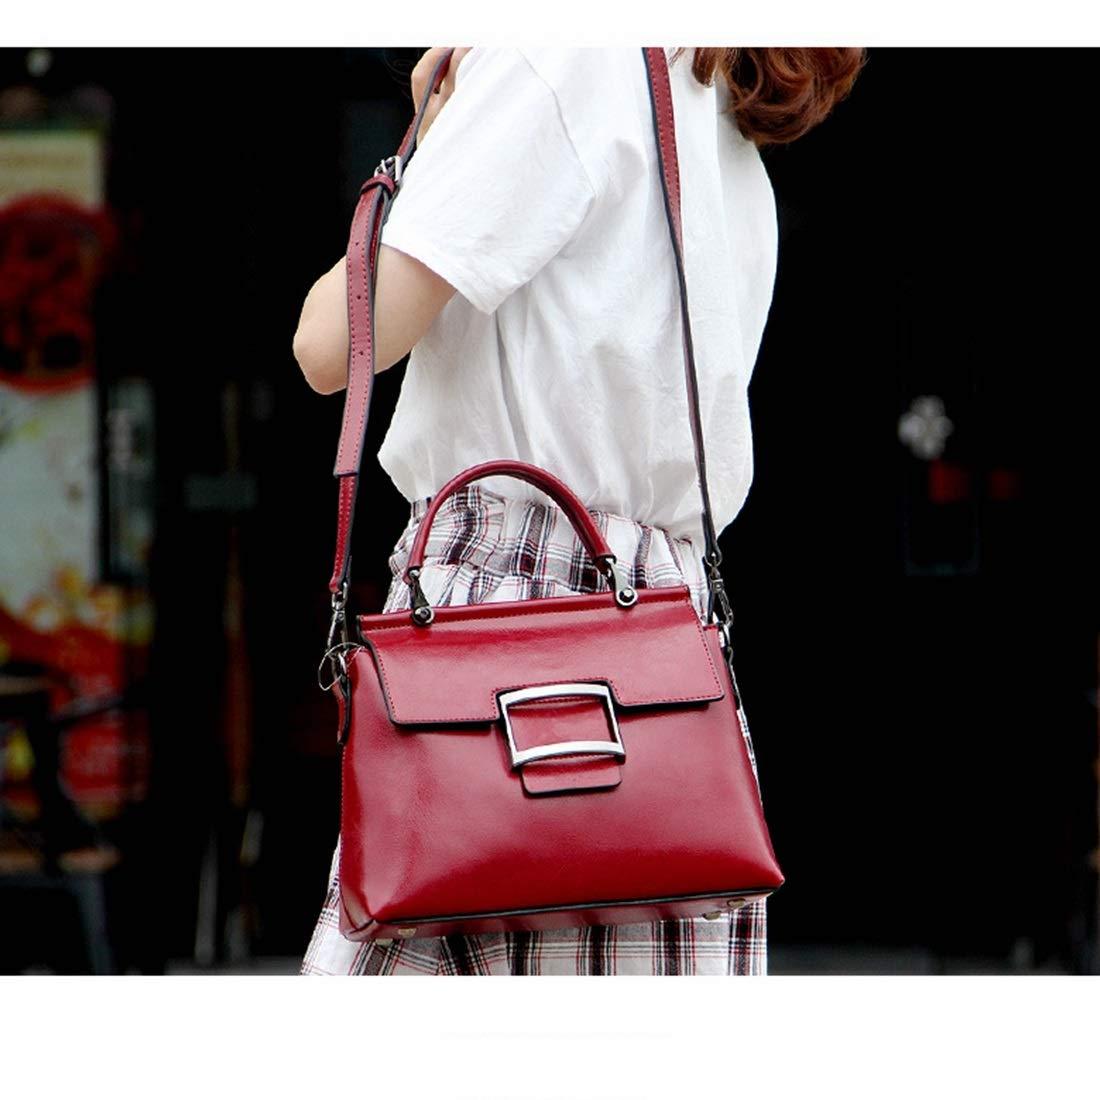 AIYAMAYA Womens Leather Handbags Ladies Purses Satchel Shoulder Bags Tote Bag